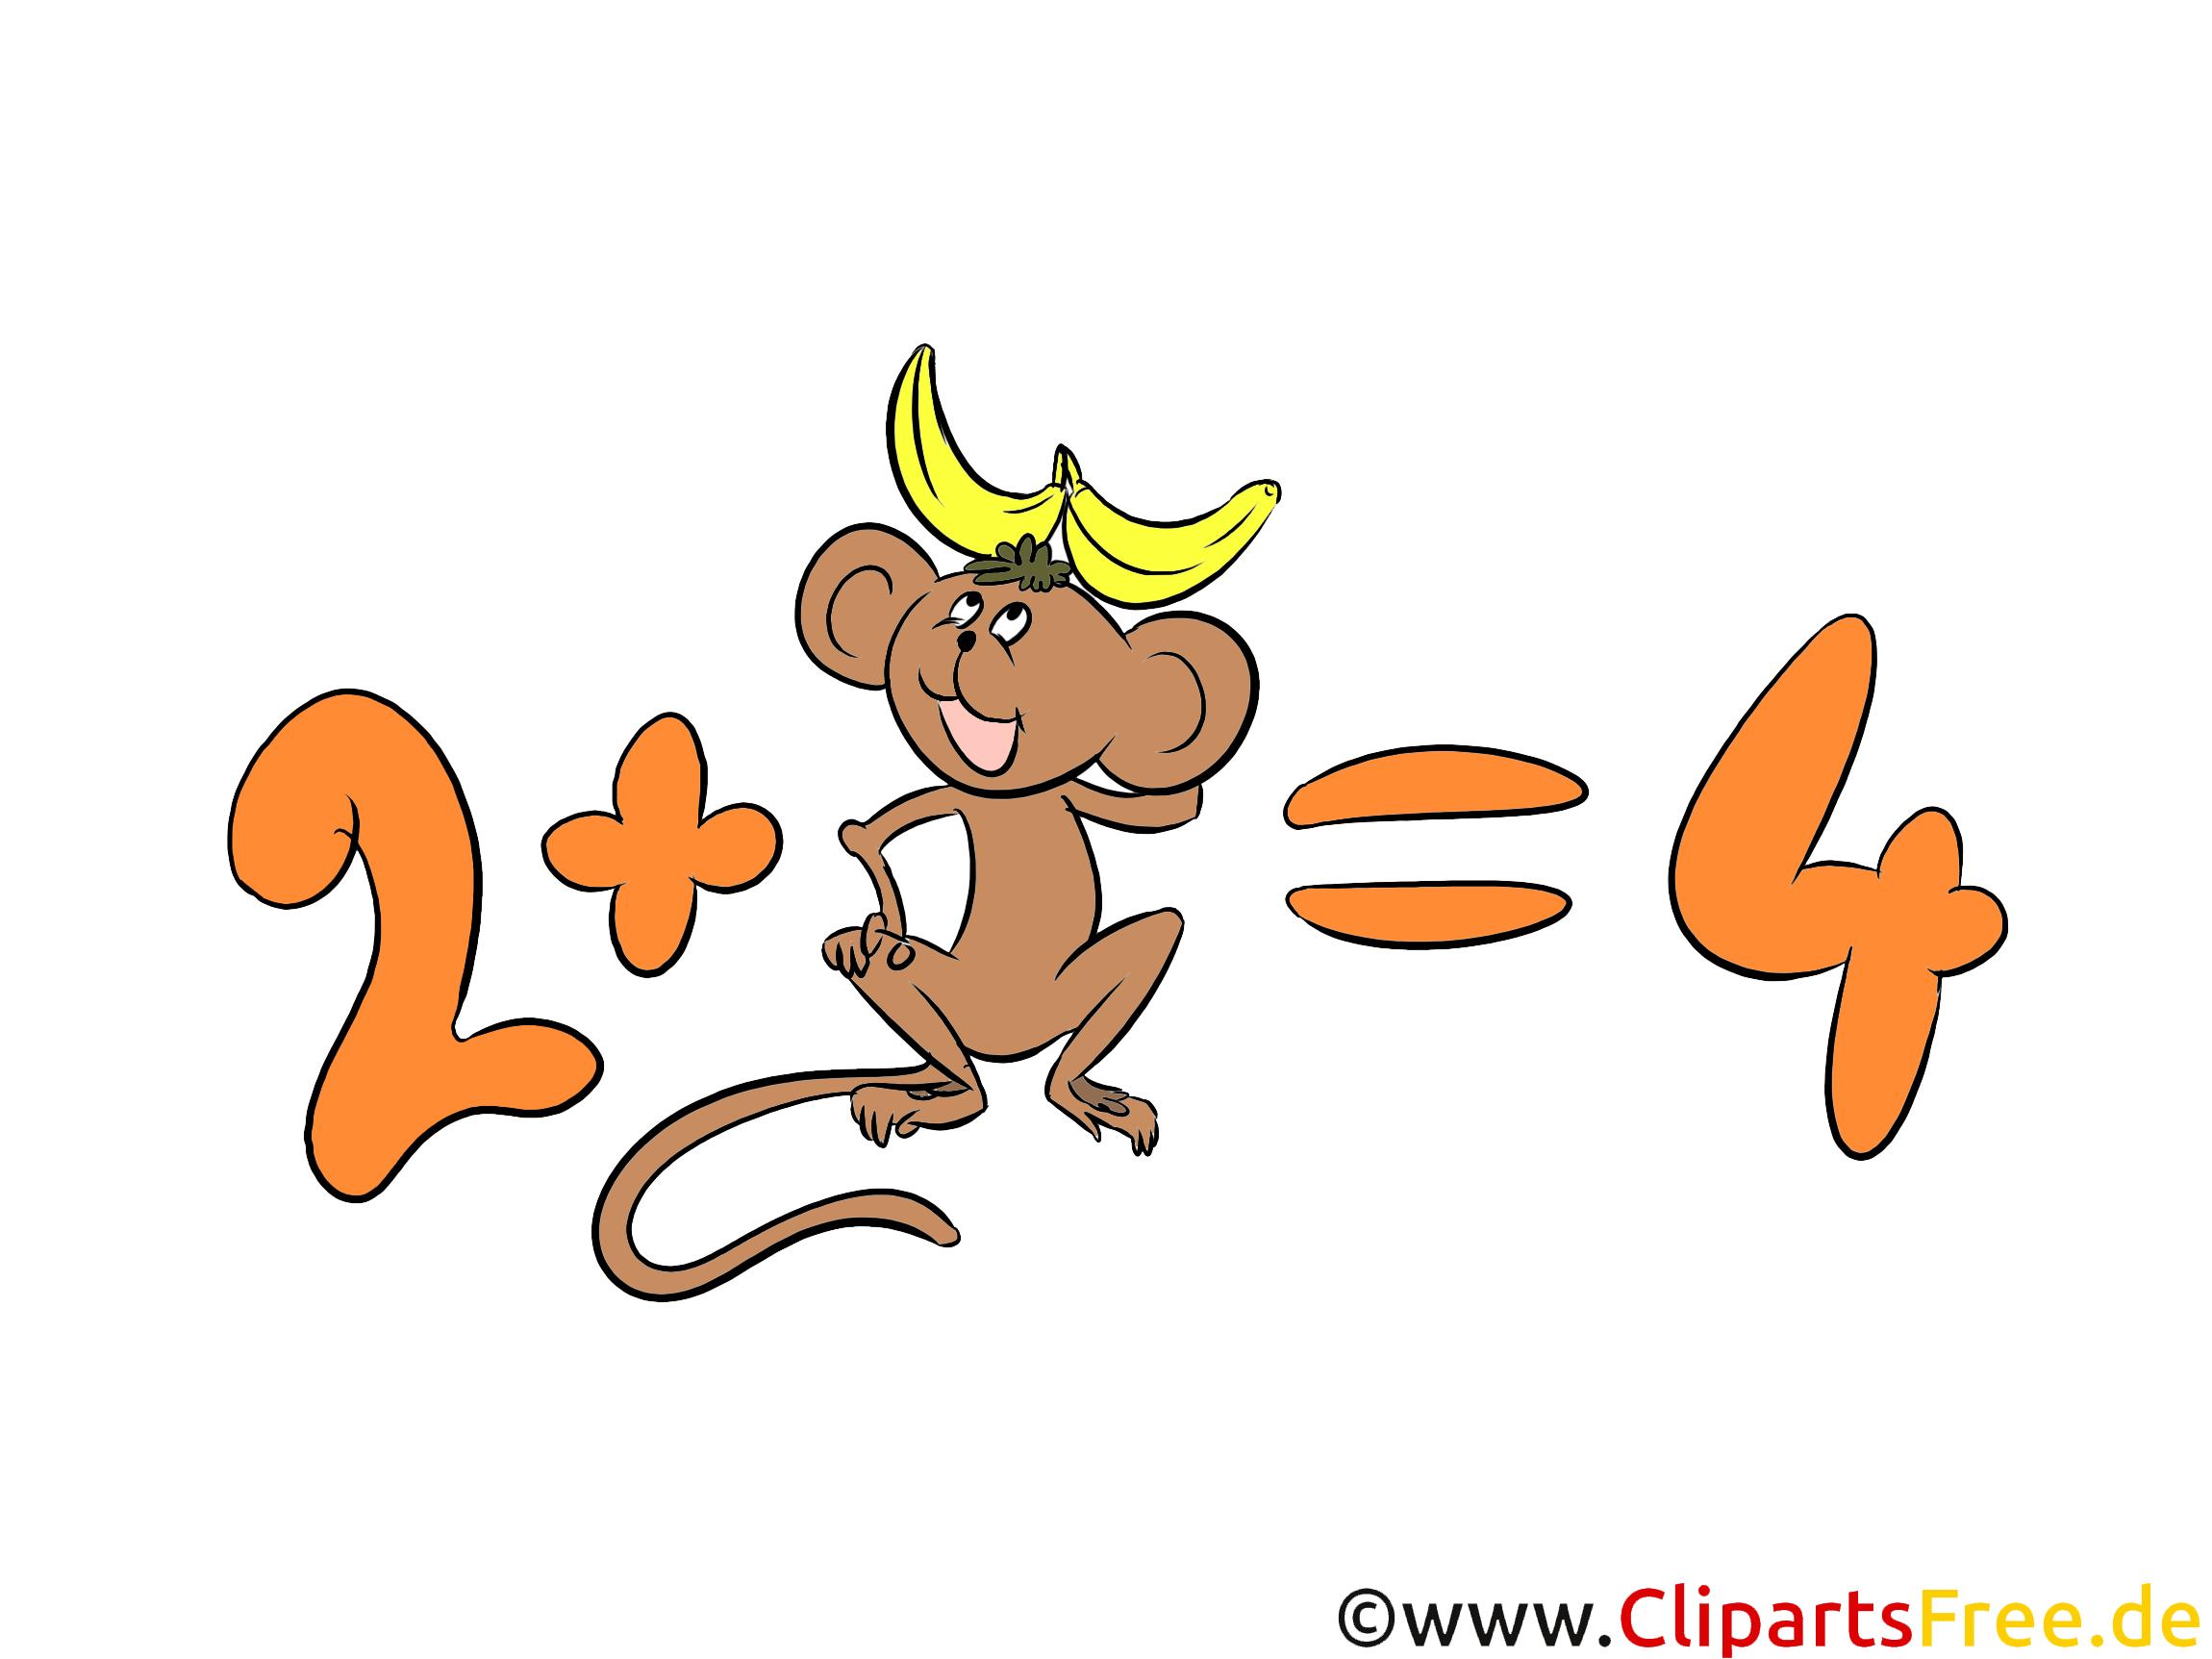 Mathe Unterricht Clipart, Bild, Illustration